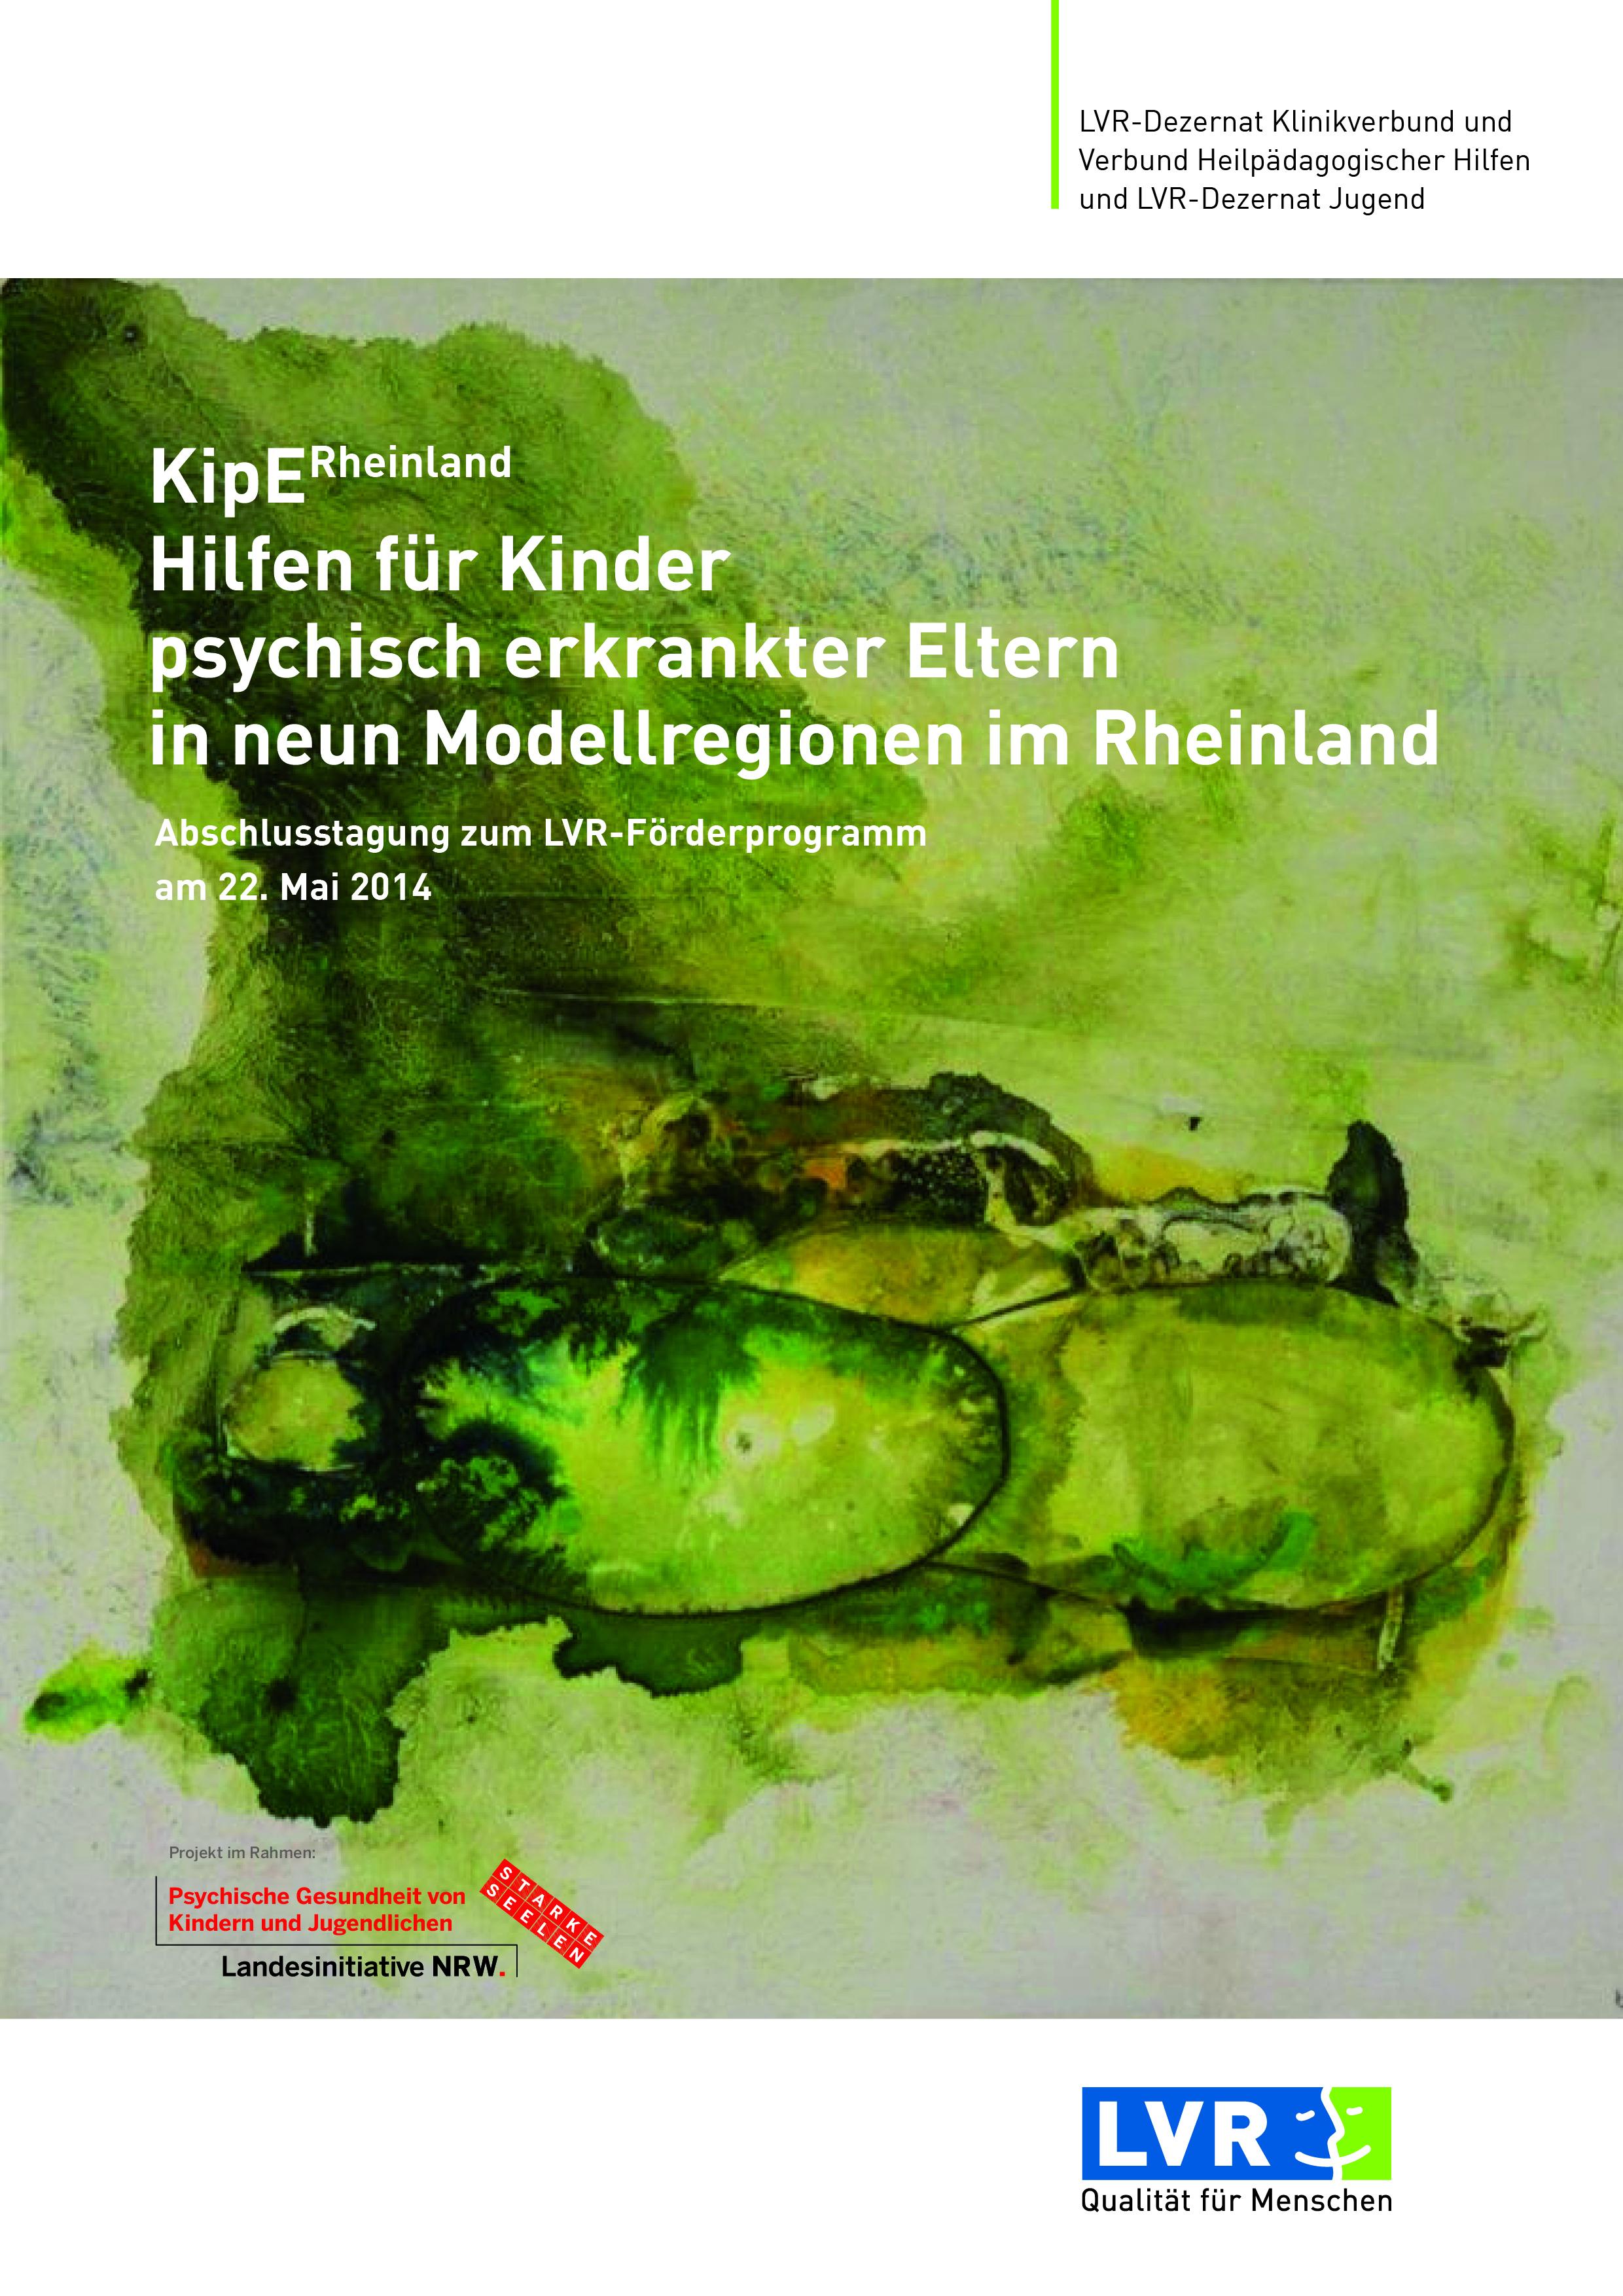 KipE Rheinland – Hilfen für Kinder psychisch erkrankter Eltern in neun Modellregionen im Rheinland